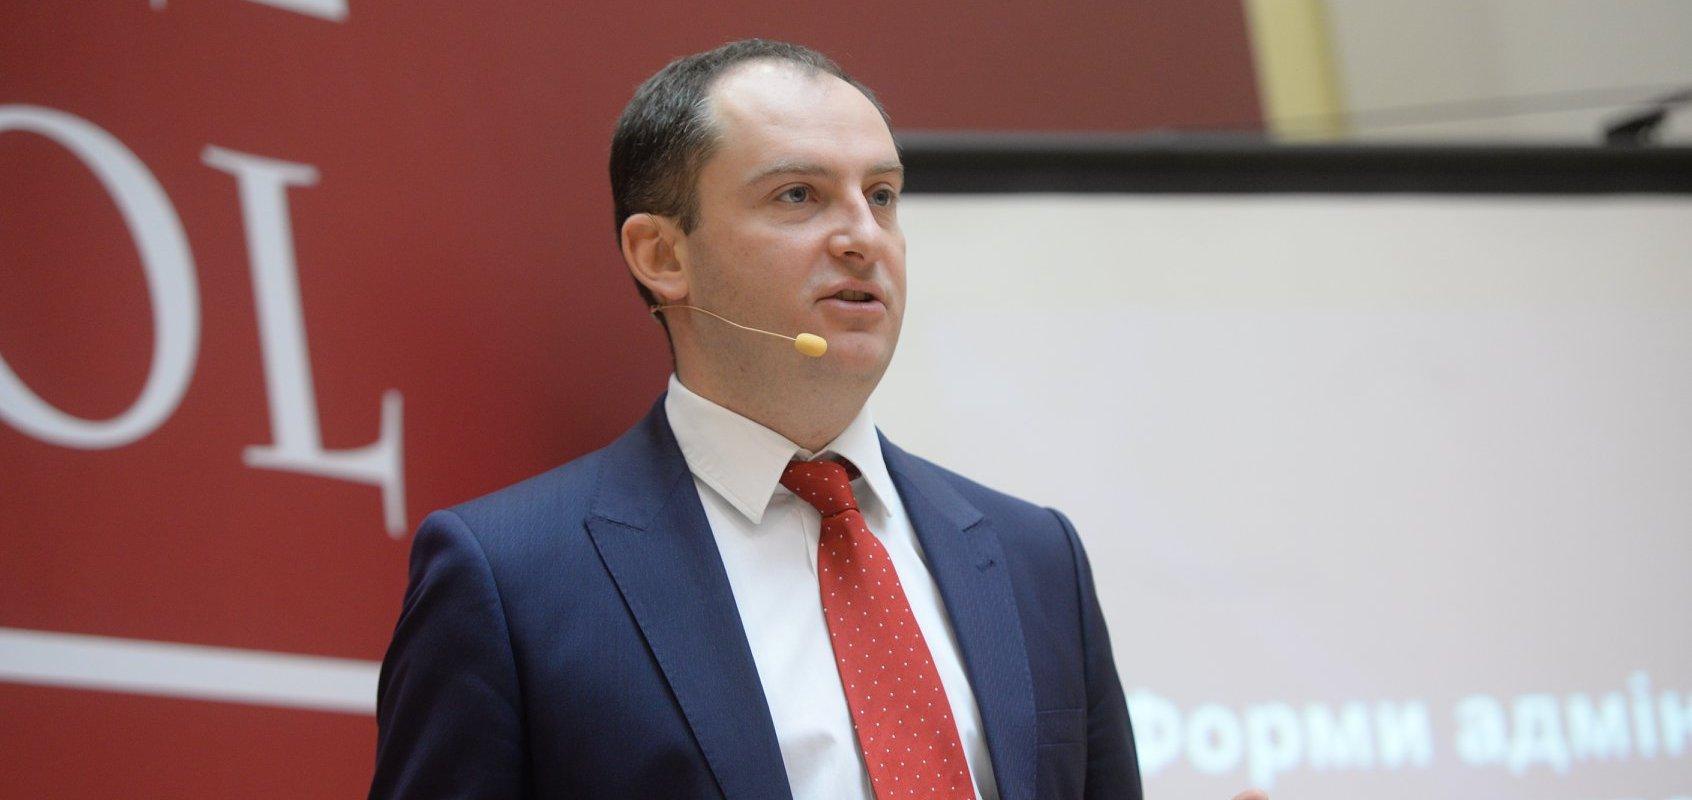 Бизнес-неделя: иски Коломойского, деньги Зе, штраф МАУ, глава ГФС